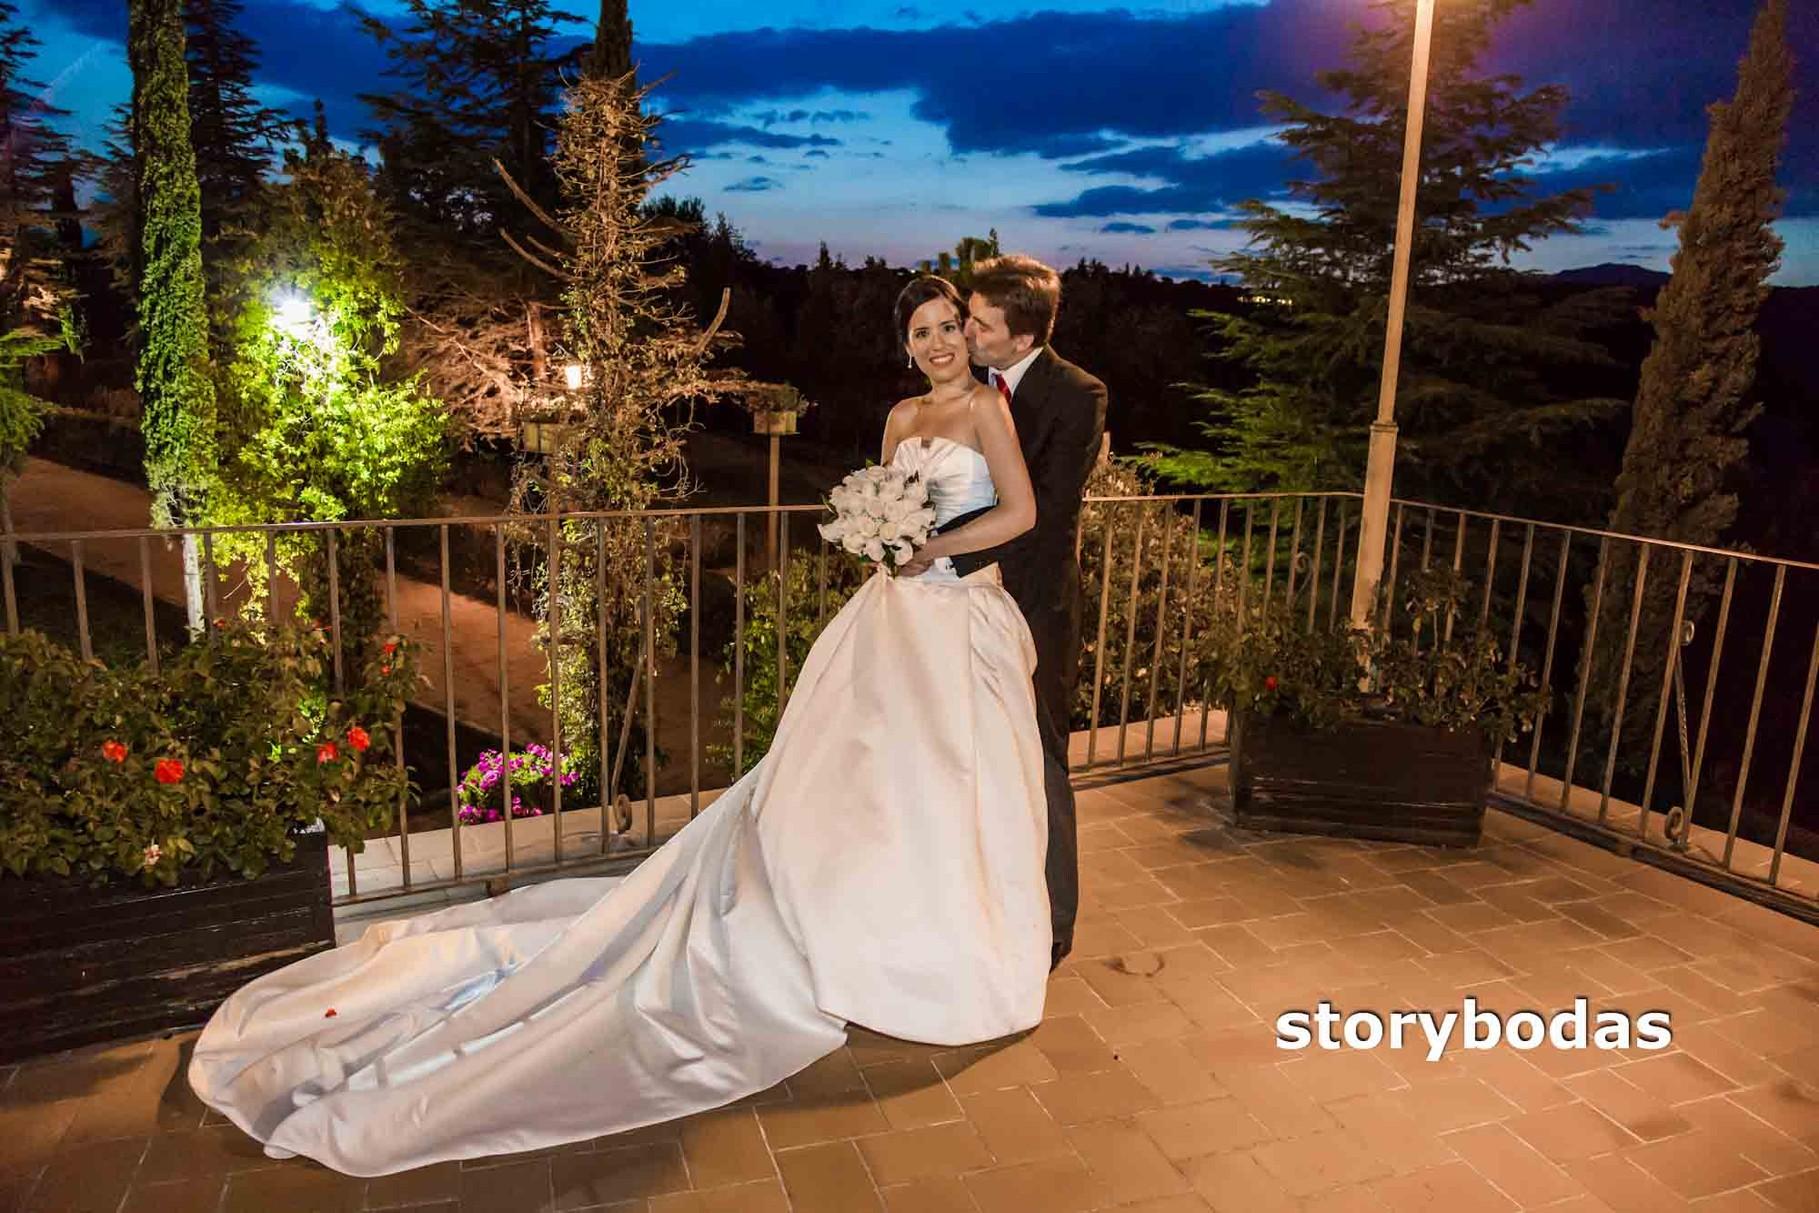 storybodas Fotos de pose novios boda 5